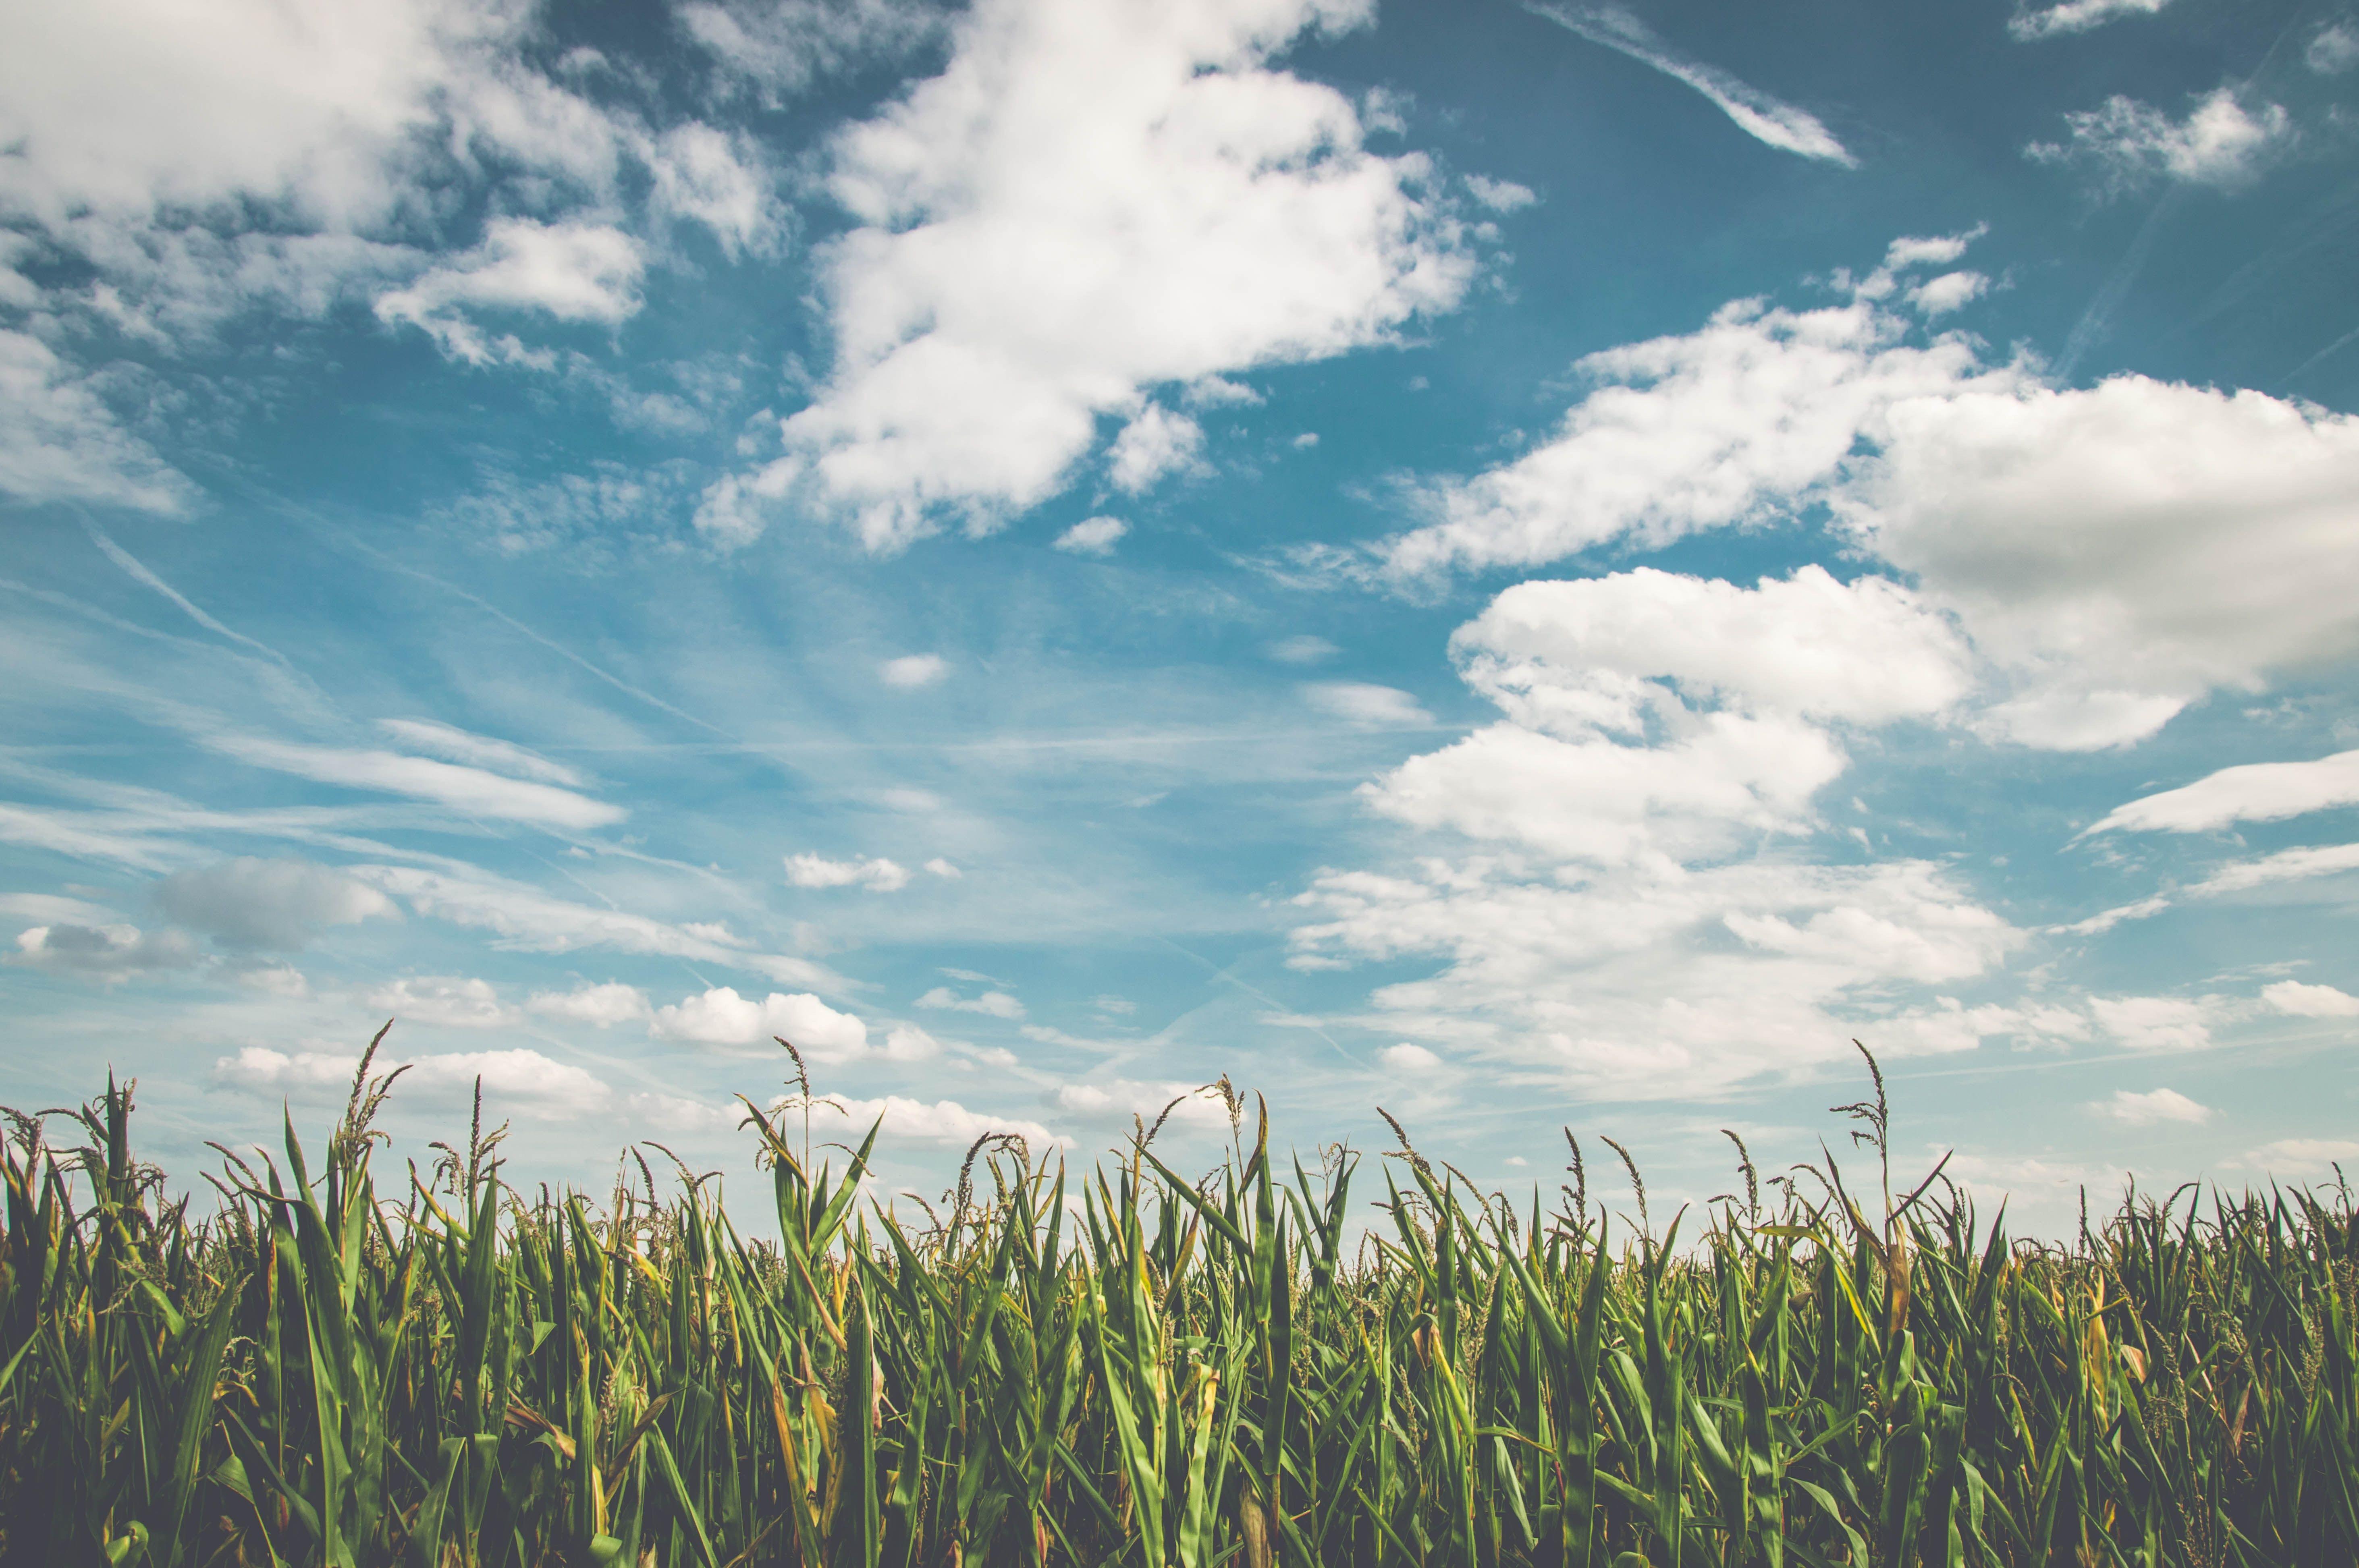 Grass field under cloudy, blue sky